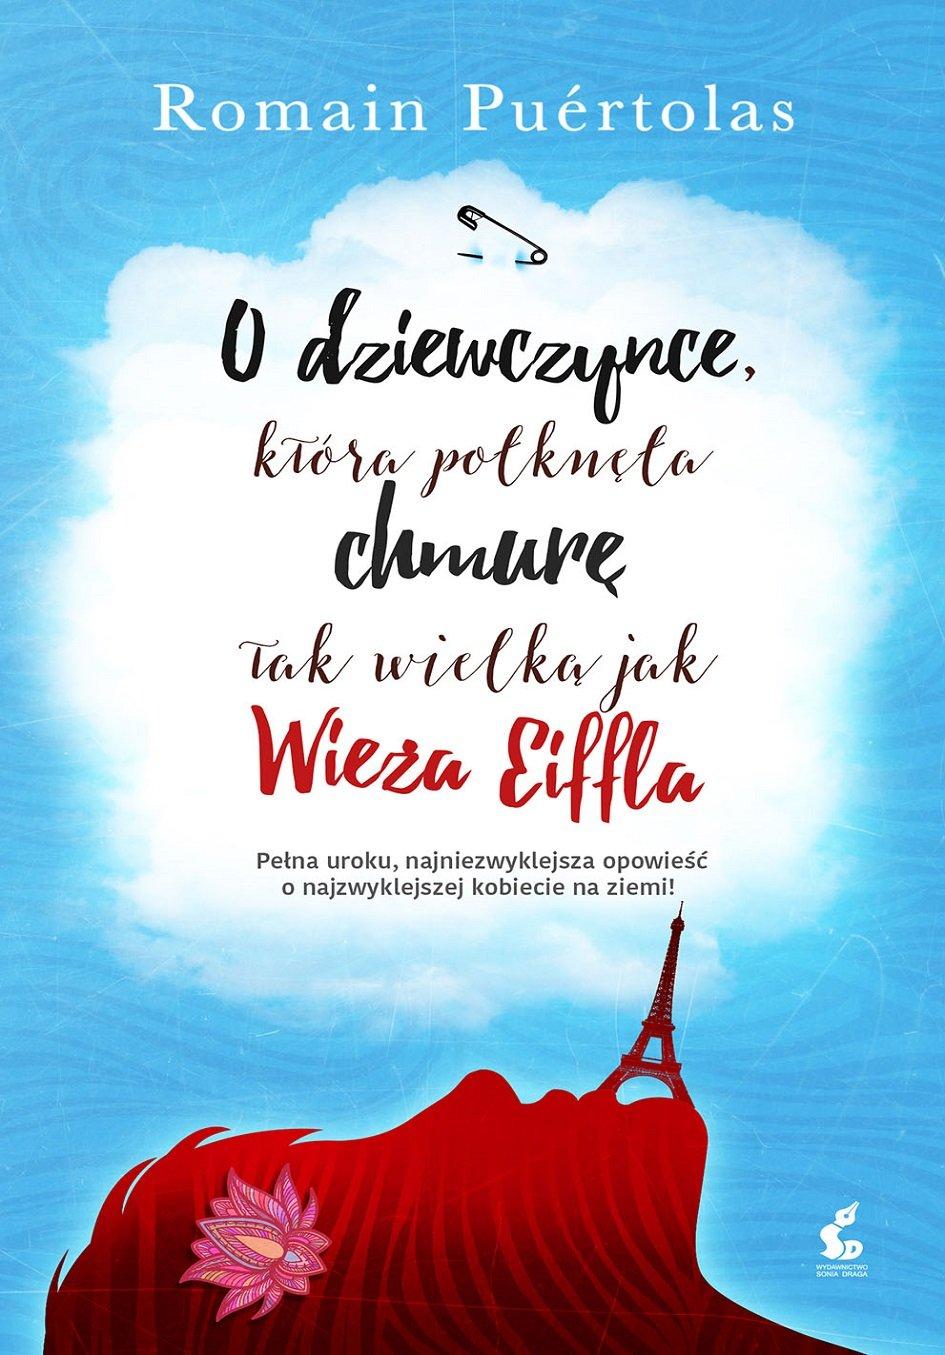 O dziewczynce, która połknęła chmurę tak wielką jak Wieża Eiffla - Ebook (Książka na Kindle) do pobrania w formacie MOBI